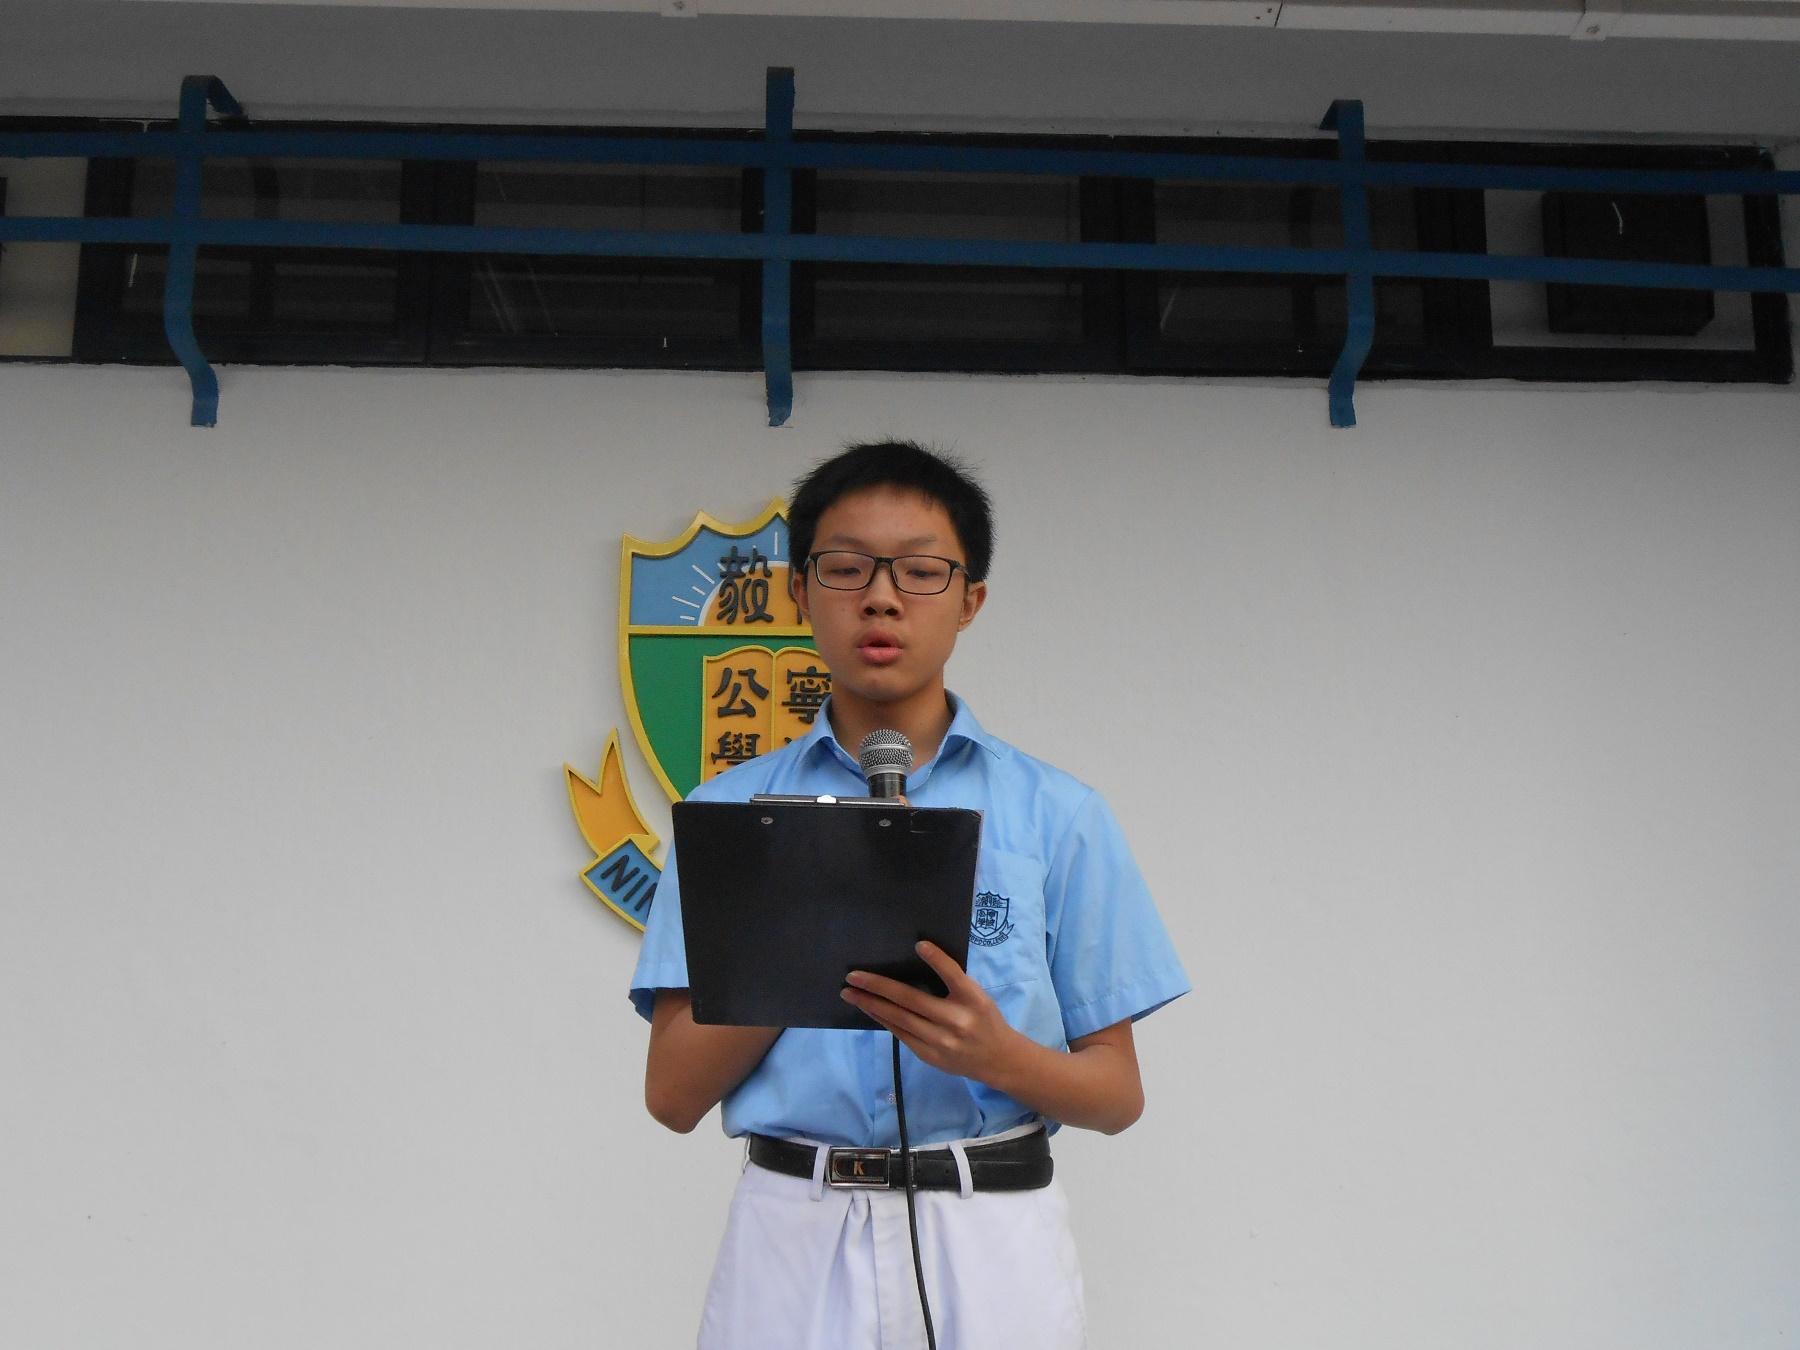 https://npc.edu.hk/sites/default/files/dscn0007_1.jpg